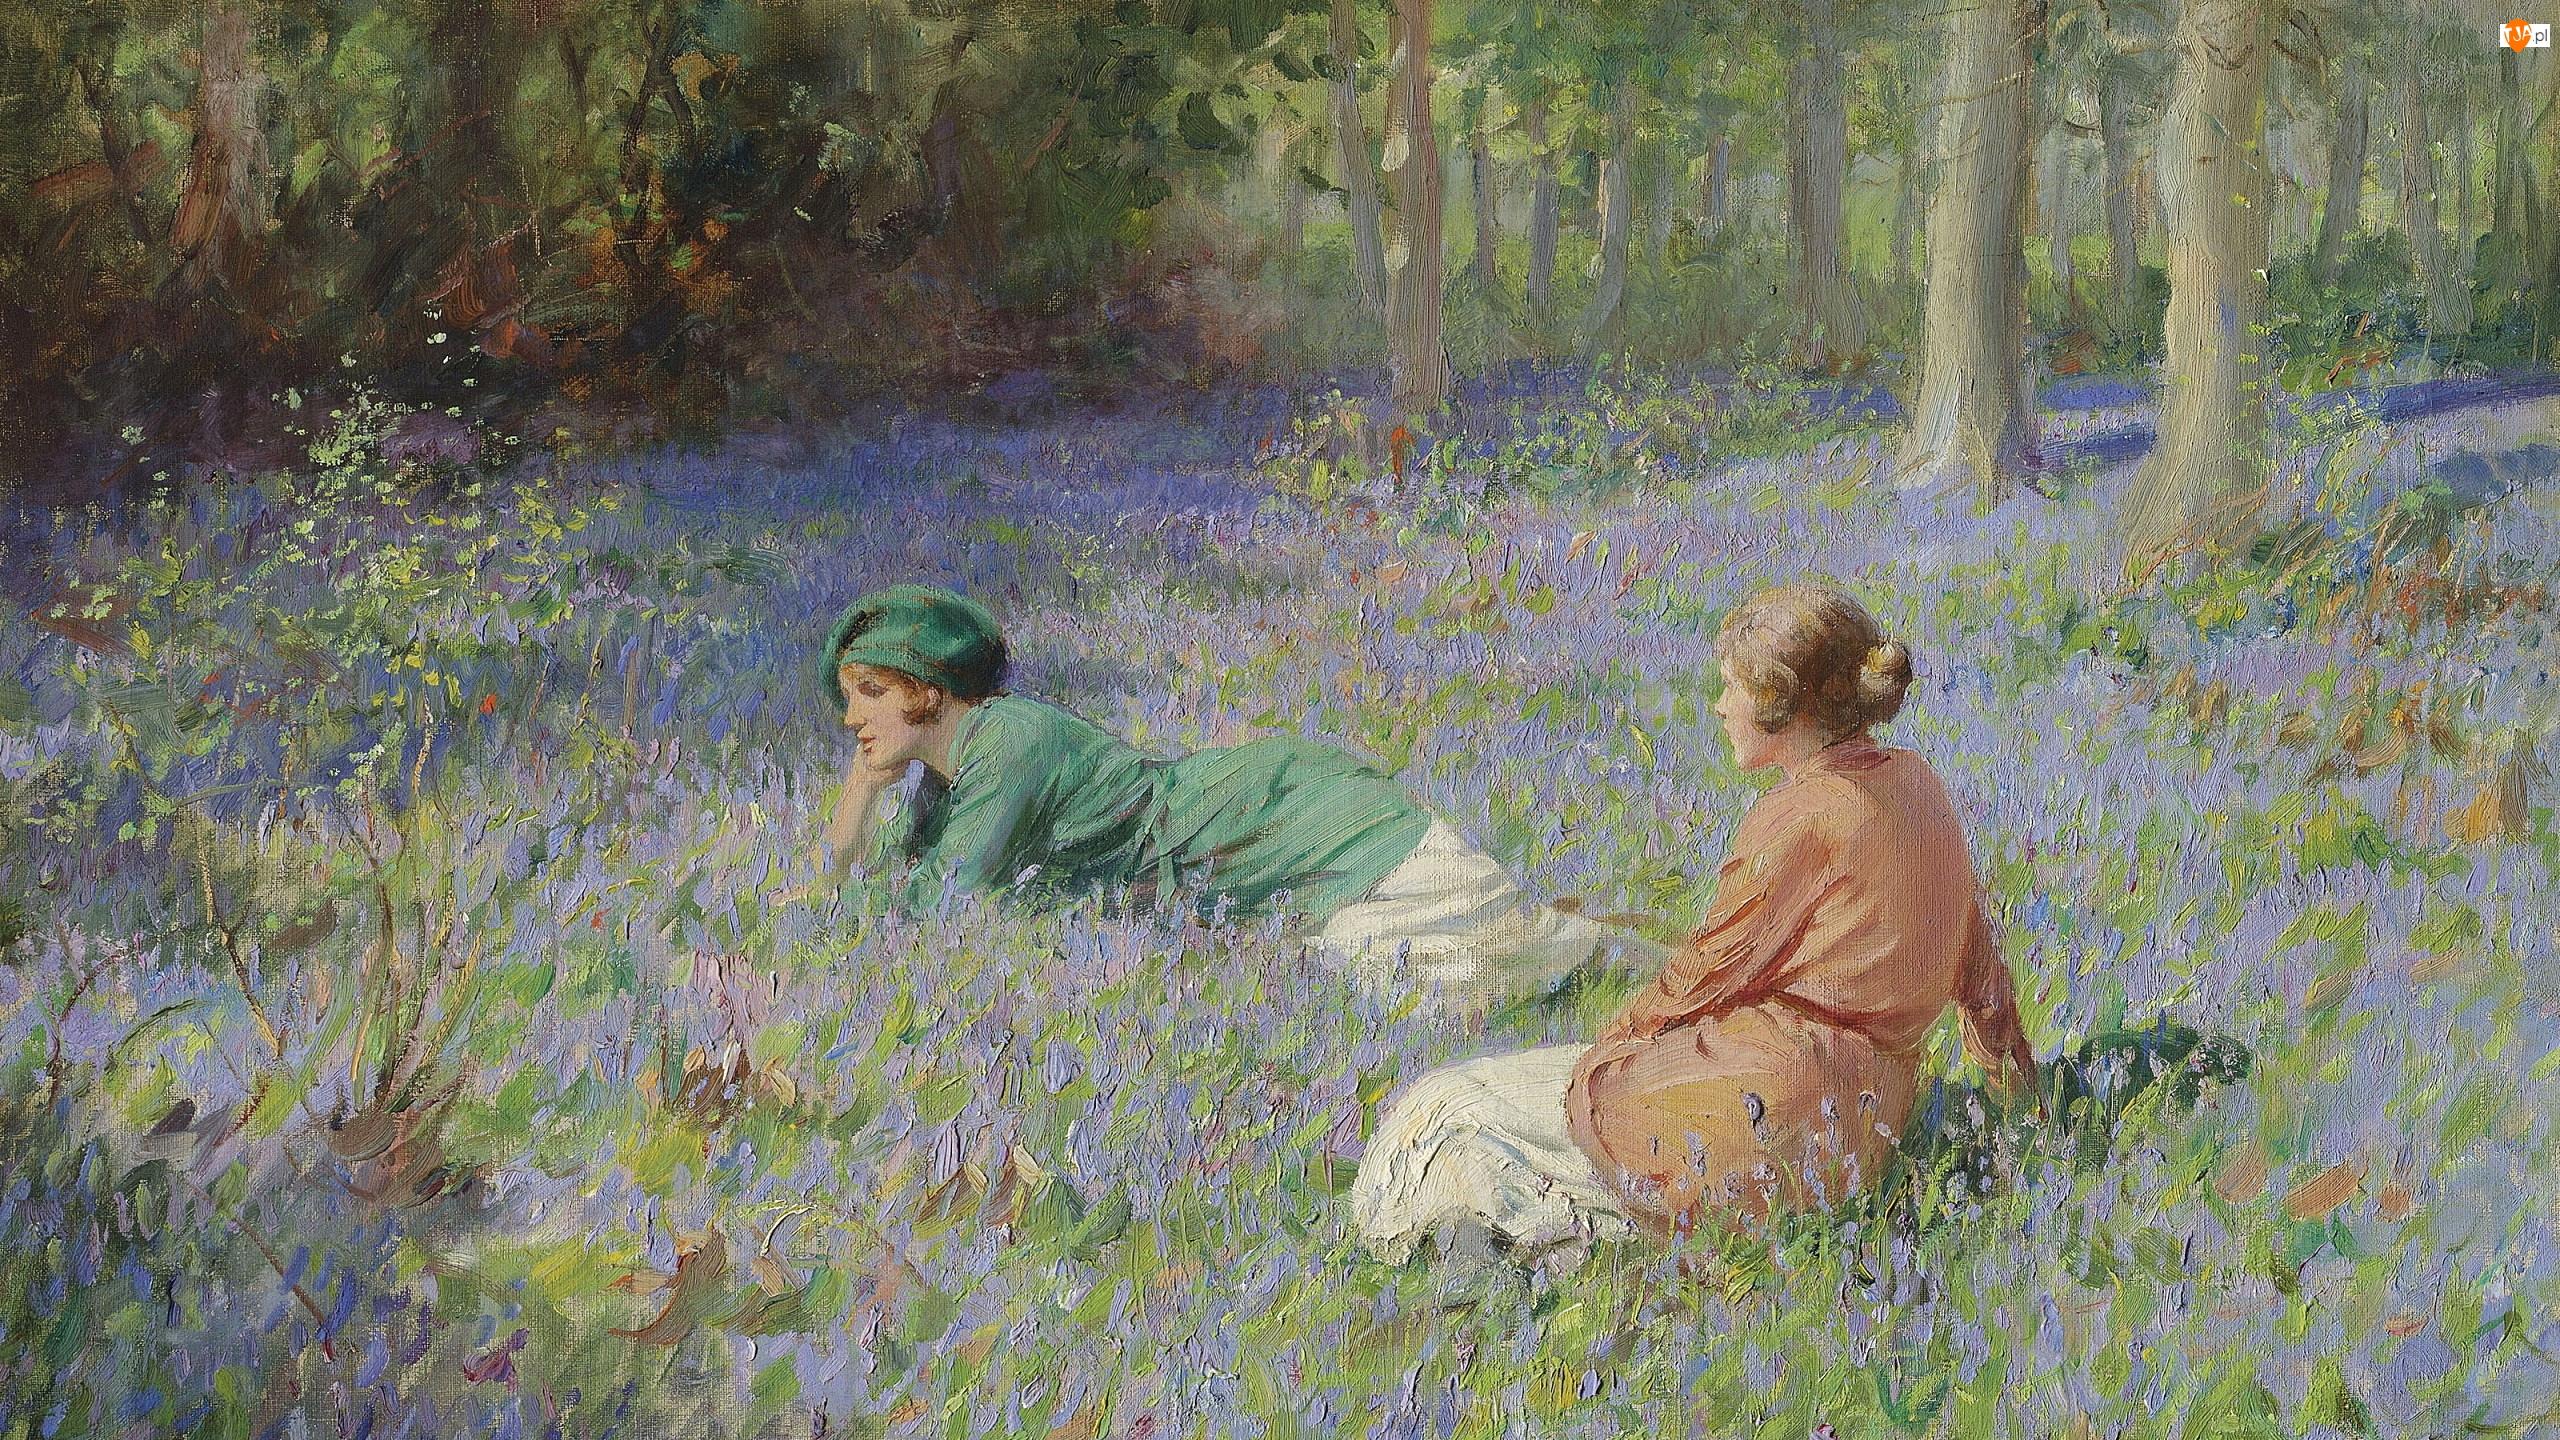 Las, Malarstwo, Dwie, Polana, Obraz, Kobiety, Kwiaty, Rowland Wheelwright